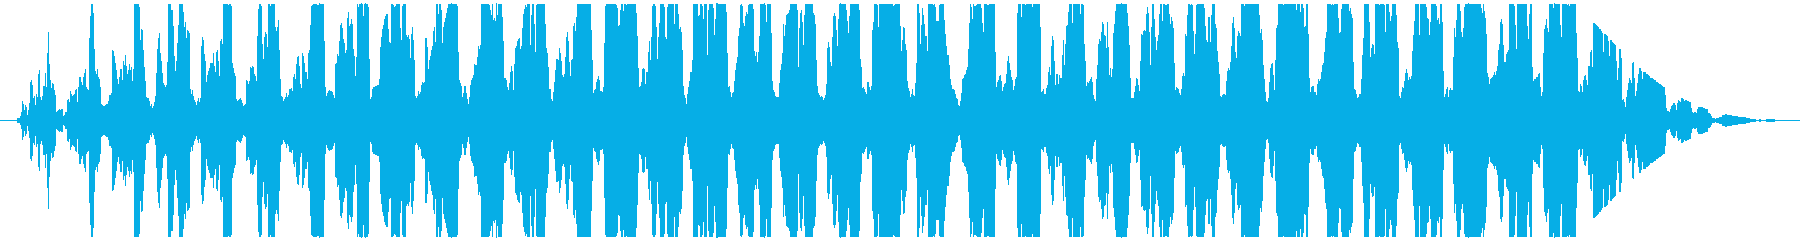 透明感のある通信音のような不思議な効果音の再生済みの波形